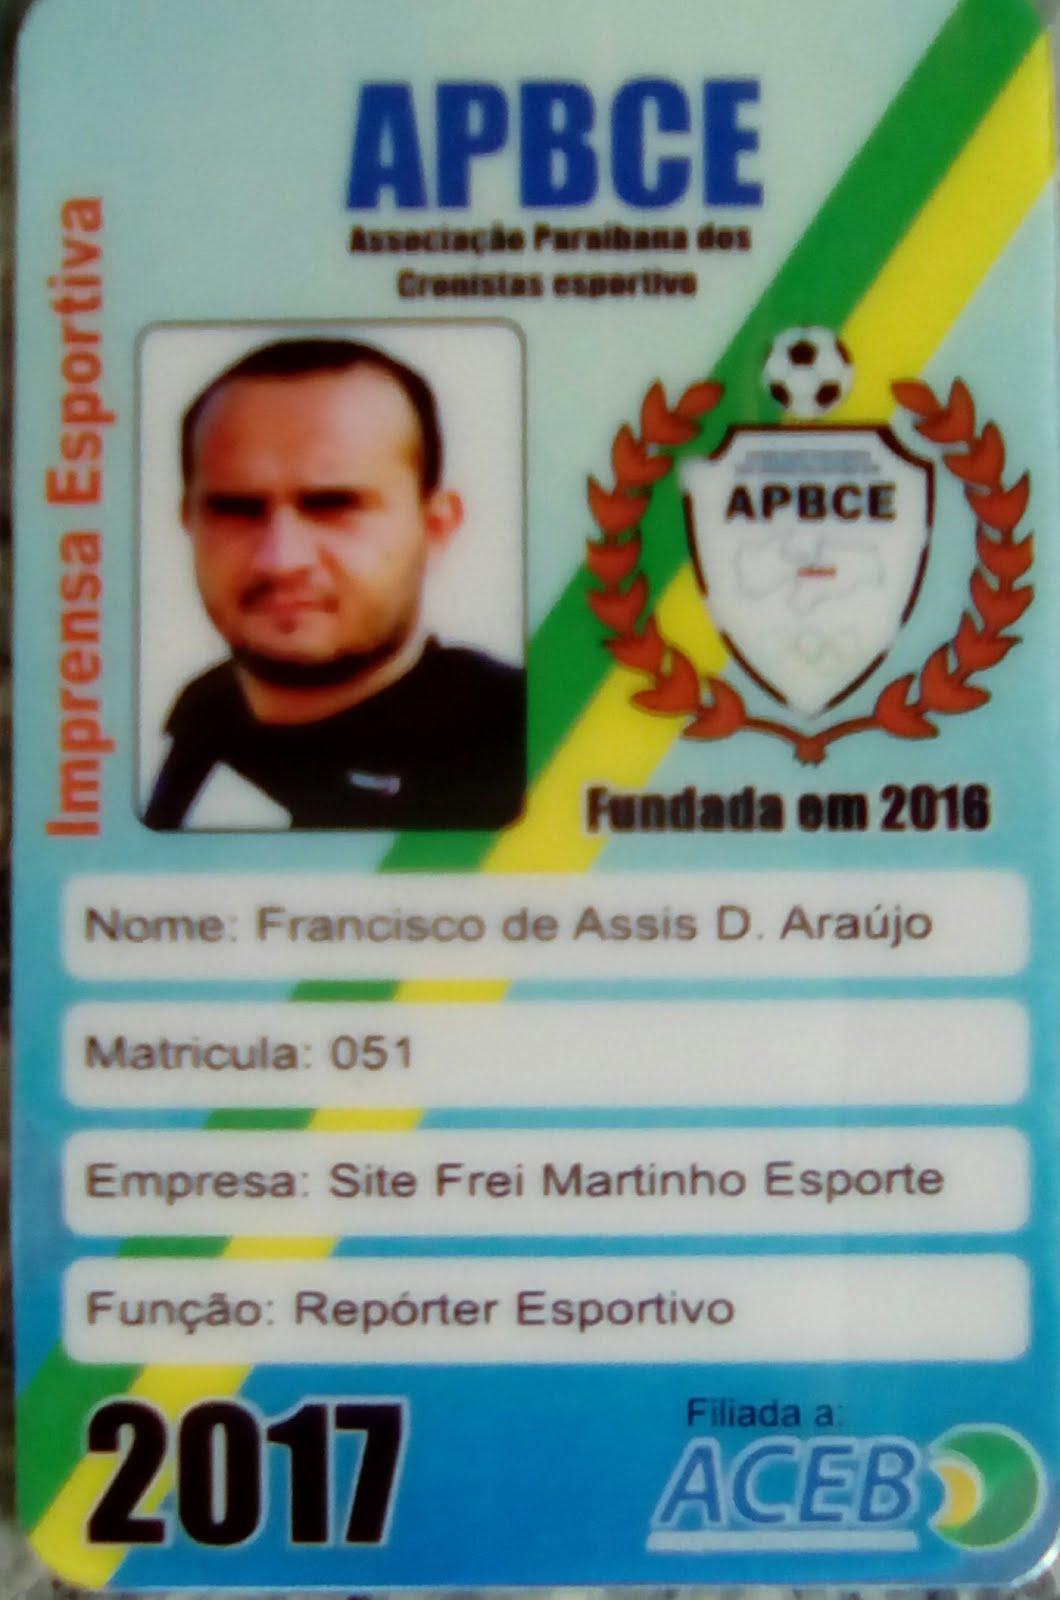 Chiqunho Dantas Repórter / Redator do blog